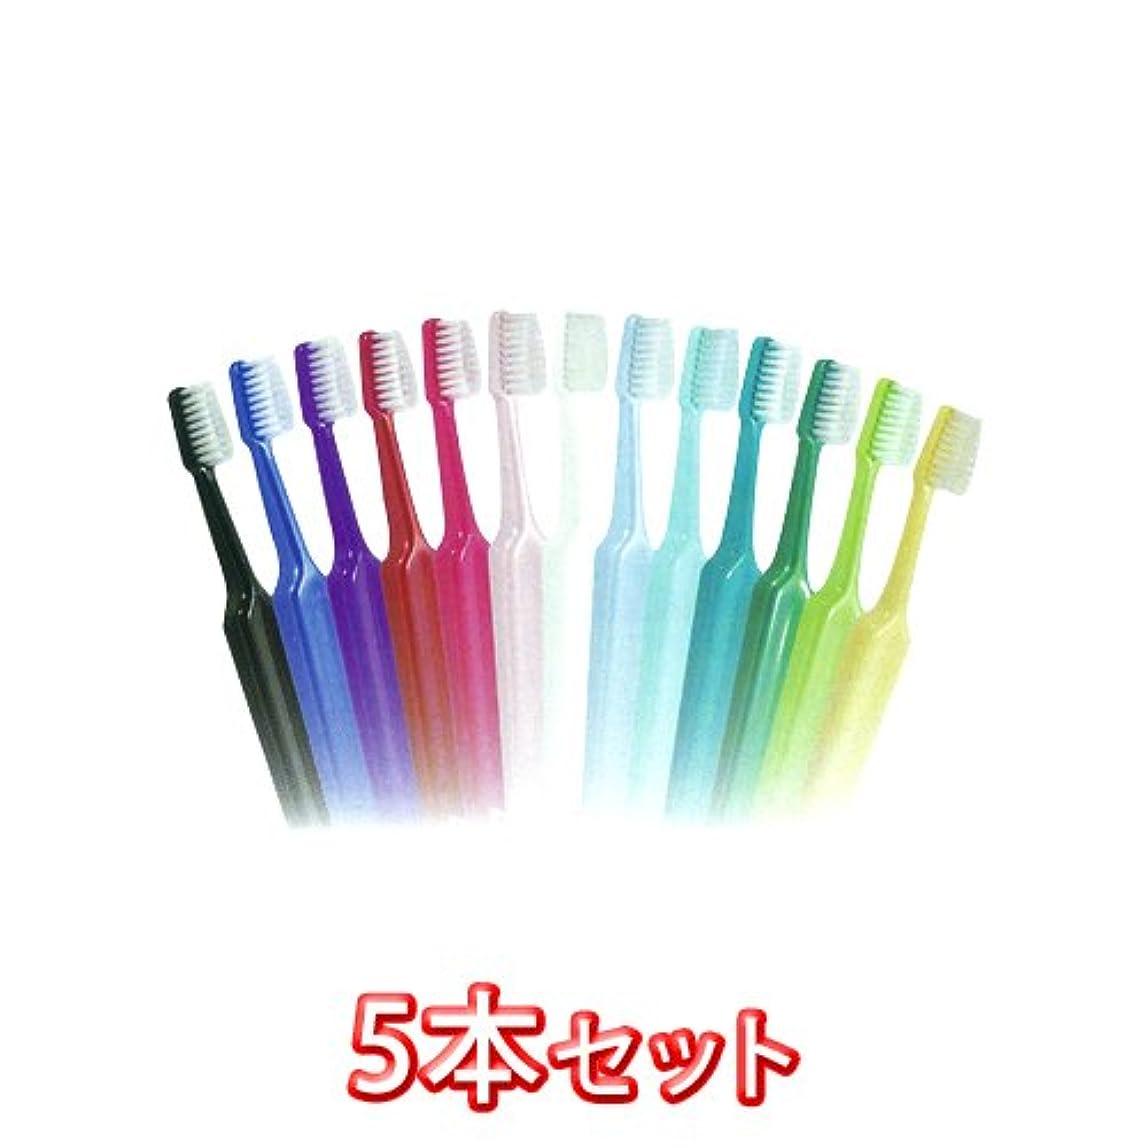 些細なベーカリーキロメートルクロスフィールド TePe テペセレクトコンパクト 歯ブラシ × 5本入 コンパクトミディアム